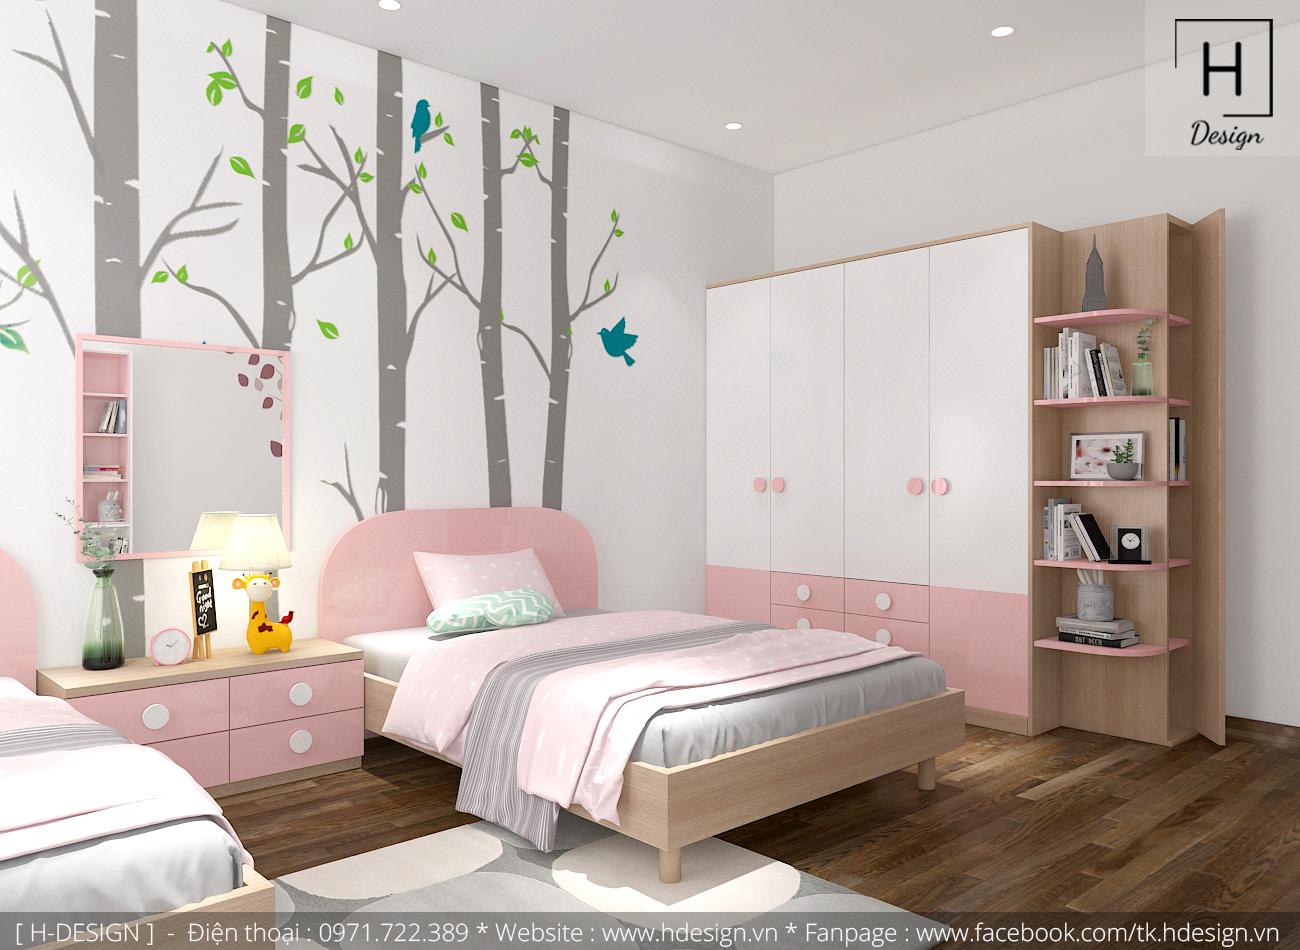 Thiết kế thi công nội thất nhà phố đẹp tại Mễ Trì - Hà Nội 16